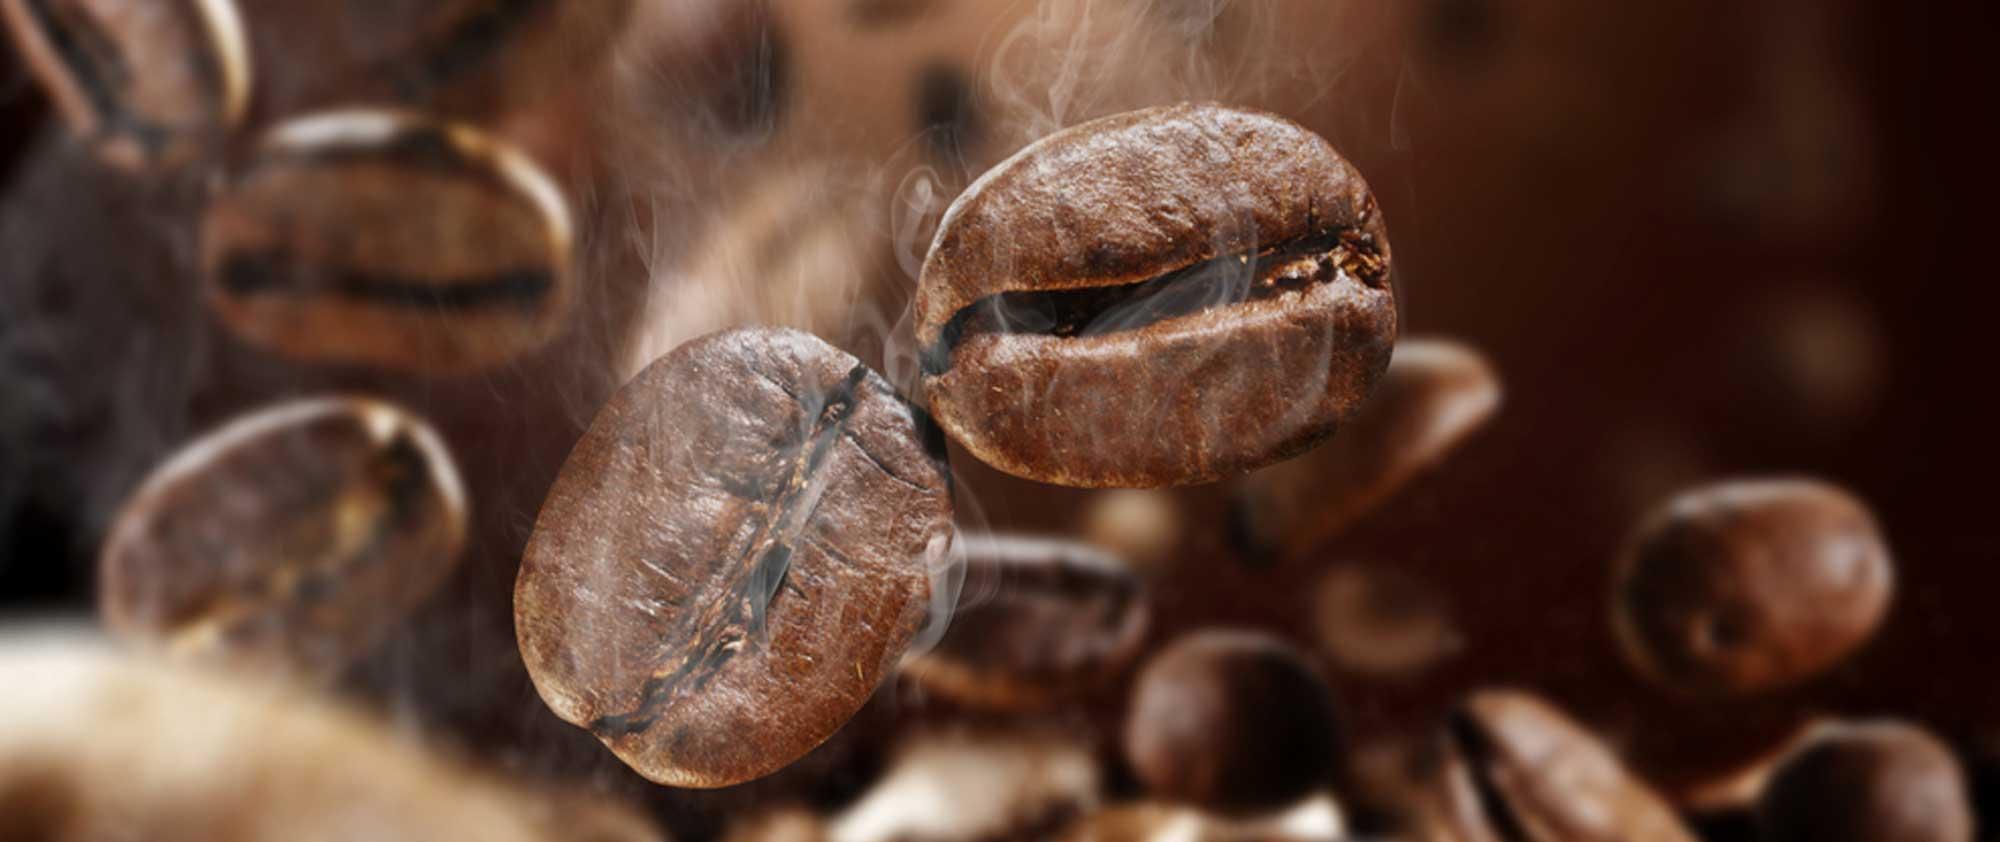 la-storia-del-caffe-zar-cafe-melzo-milano-torrefazione